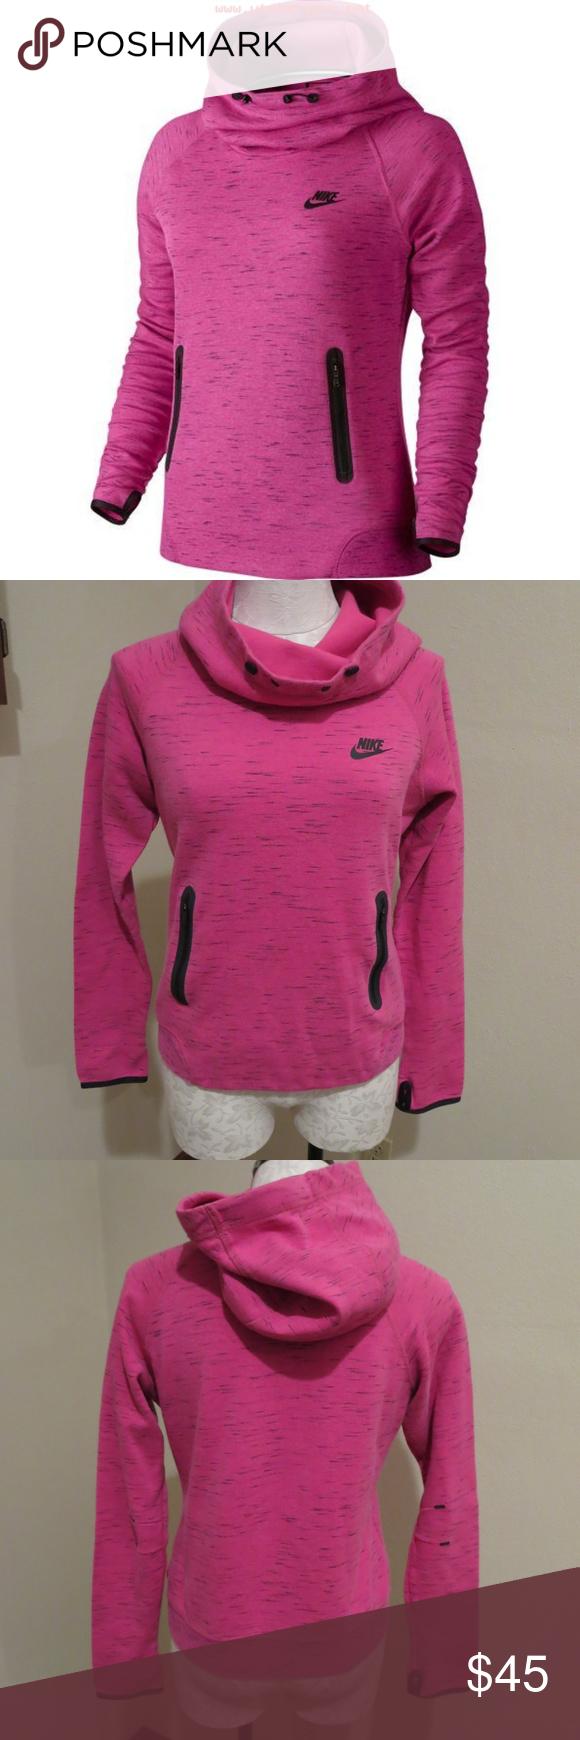 Nike Tech Fleece Hoodie pink heather sweatshirt Nike